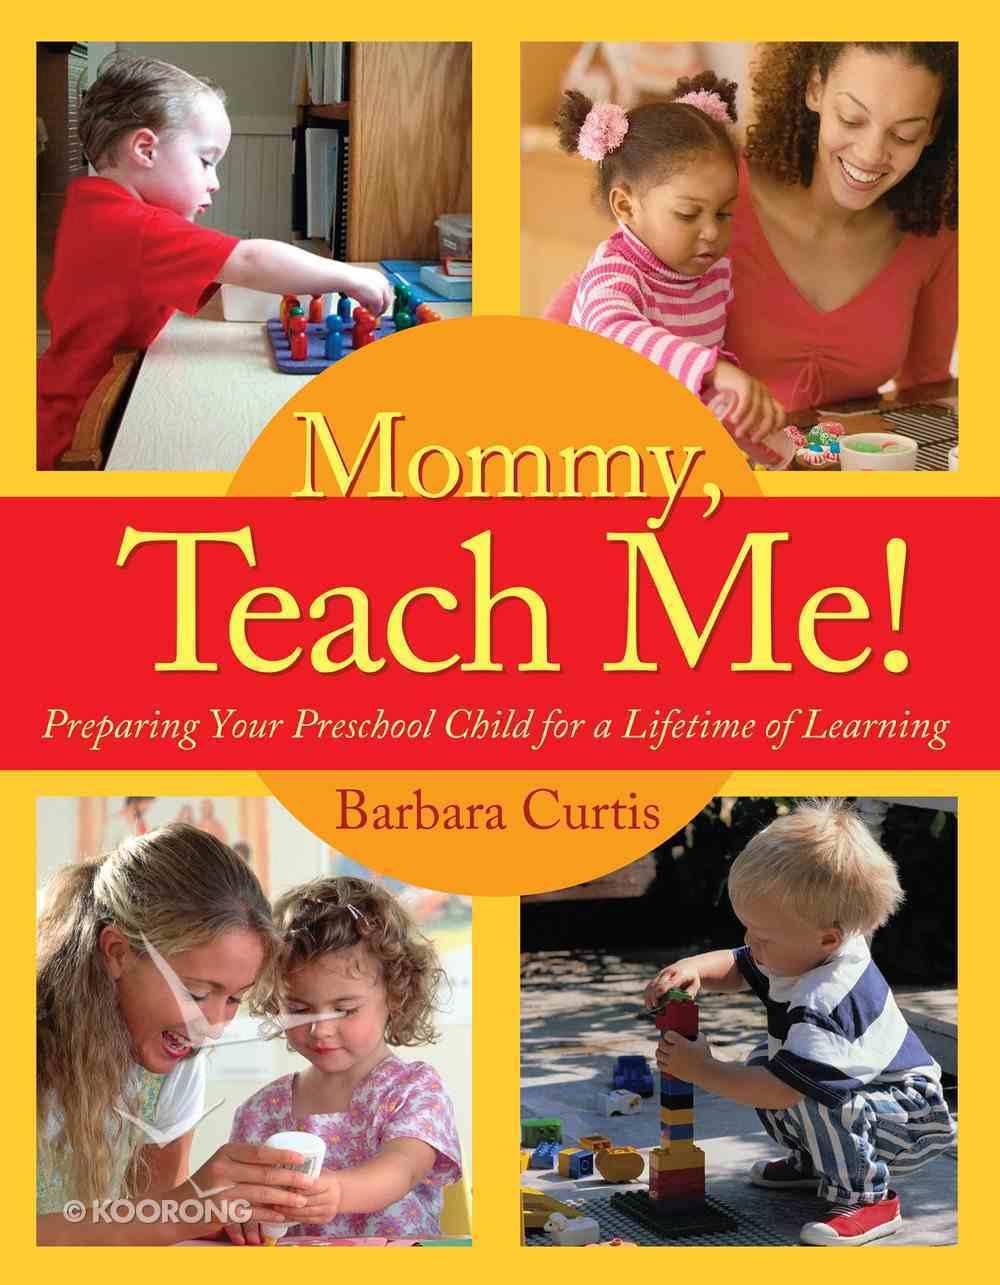 Mommy, Teach Me! eBook